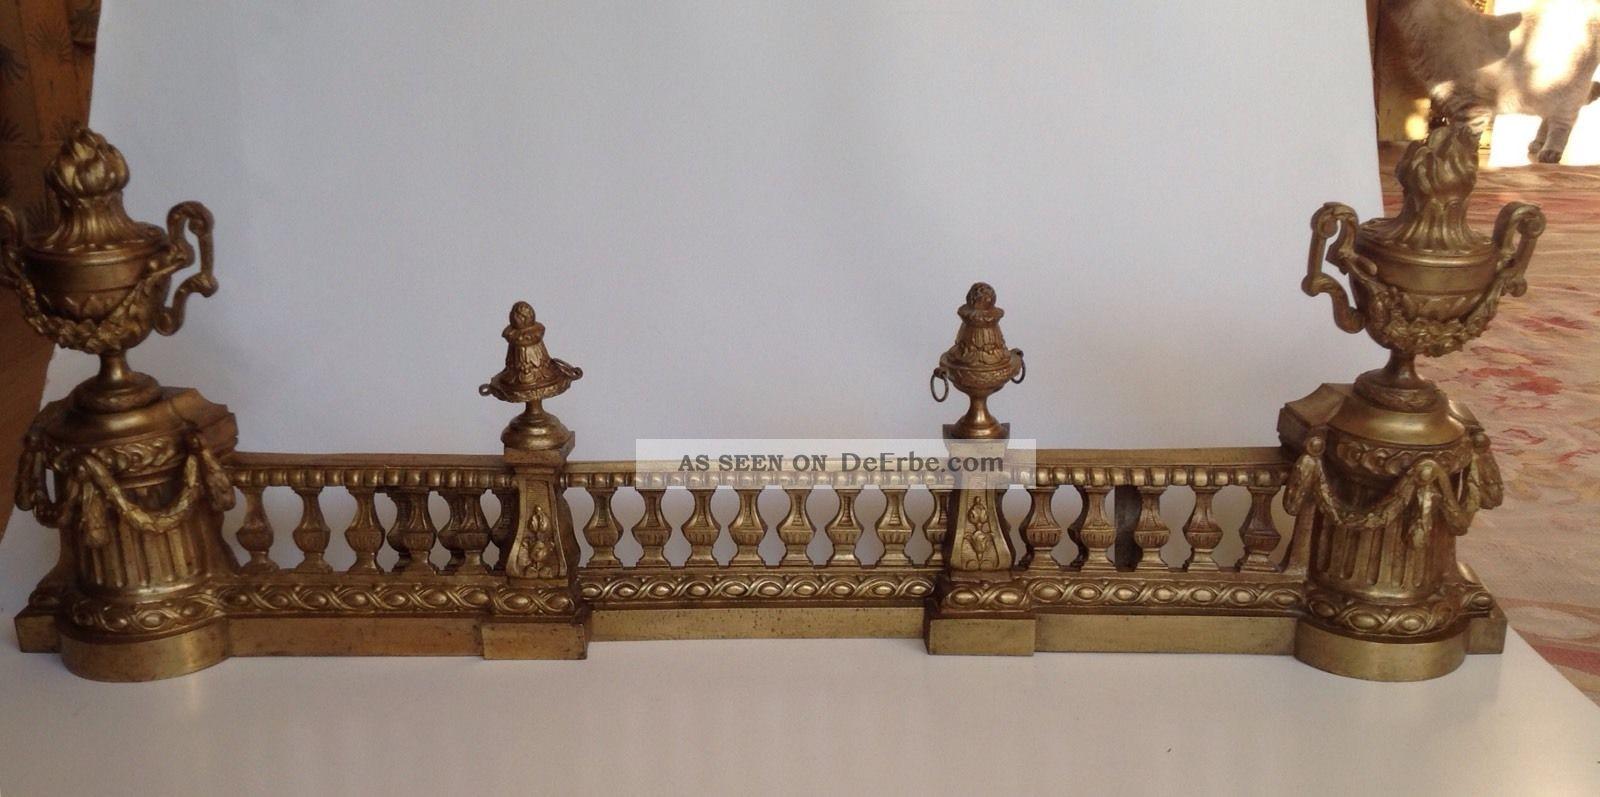 Kamingarnitur,  Kaminvorsteher,  Funkenschutz,  Bronze,  Frankreich Um 1880 Original, vor 1960 gefertigt Bild